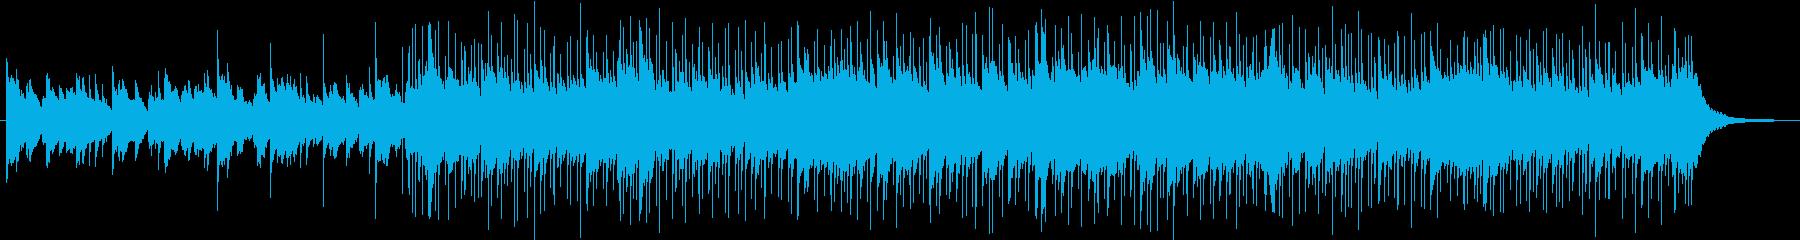 優しく前向きなピアノ劇判の再生済みの波形